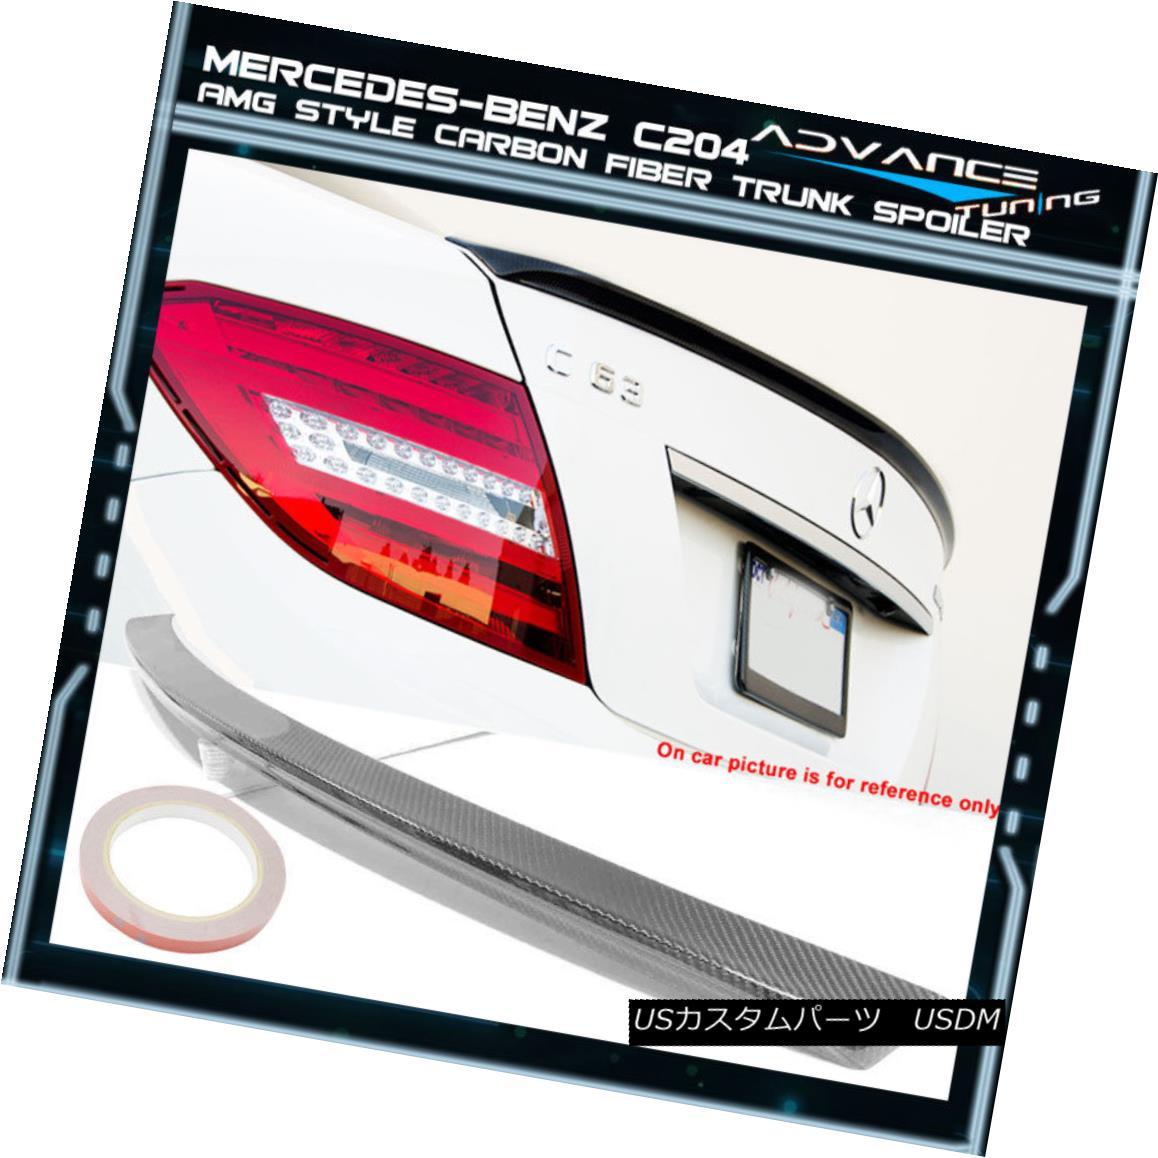 エアロパーツ 12-15 Benz C204 2Dr 2Door AMG Style CF Carbon Fiber Trunk Spoiler 12-15ベンツC204 2Dr 2Door AMGスタイルCFカーボンファイバートランクスポイラー